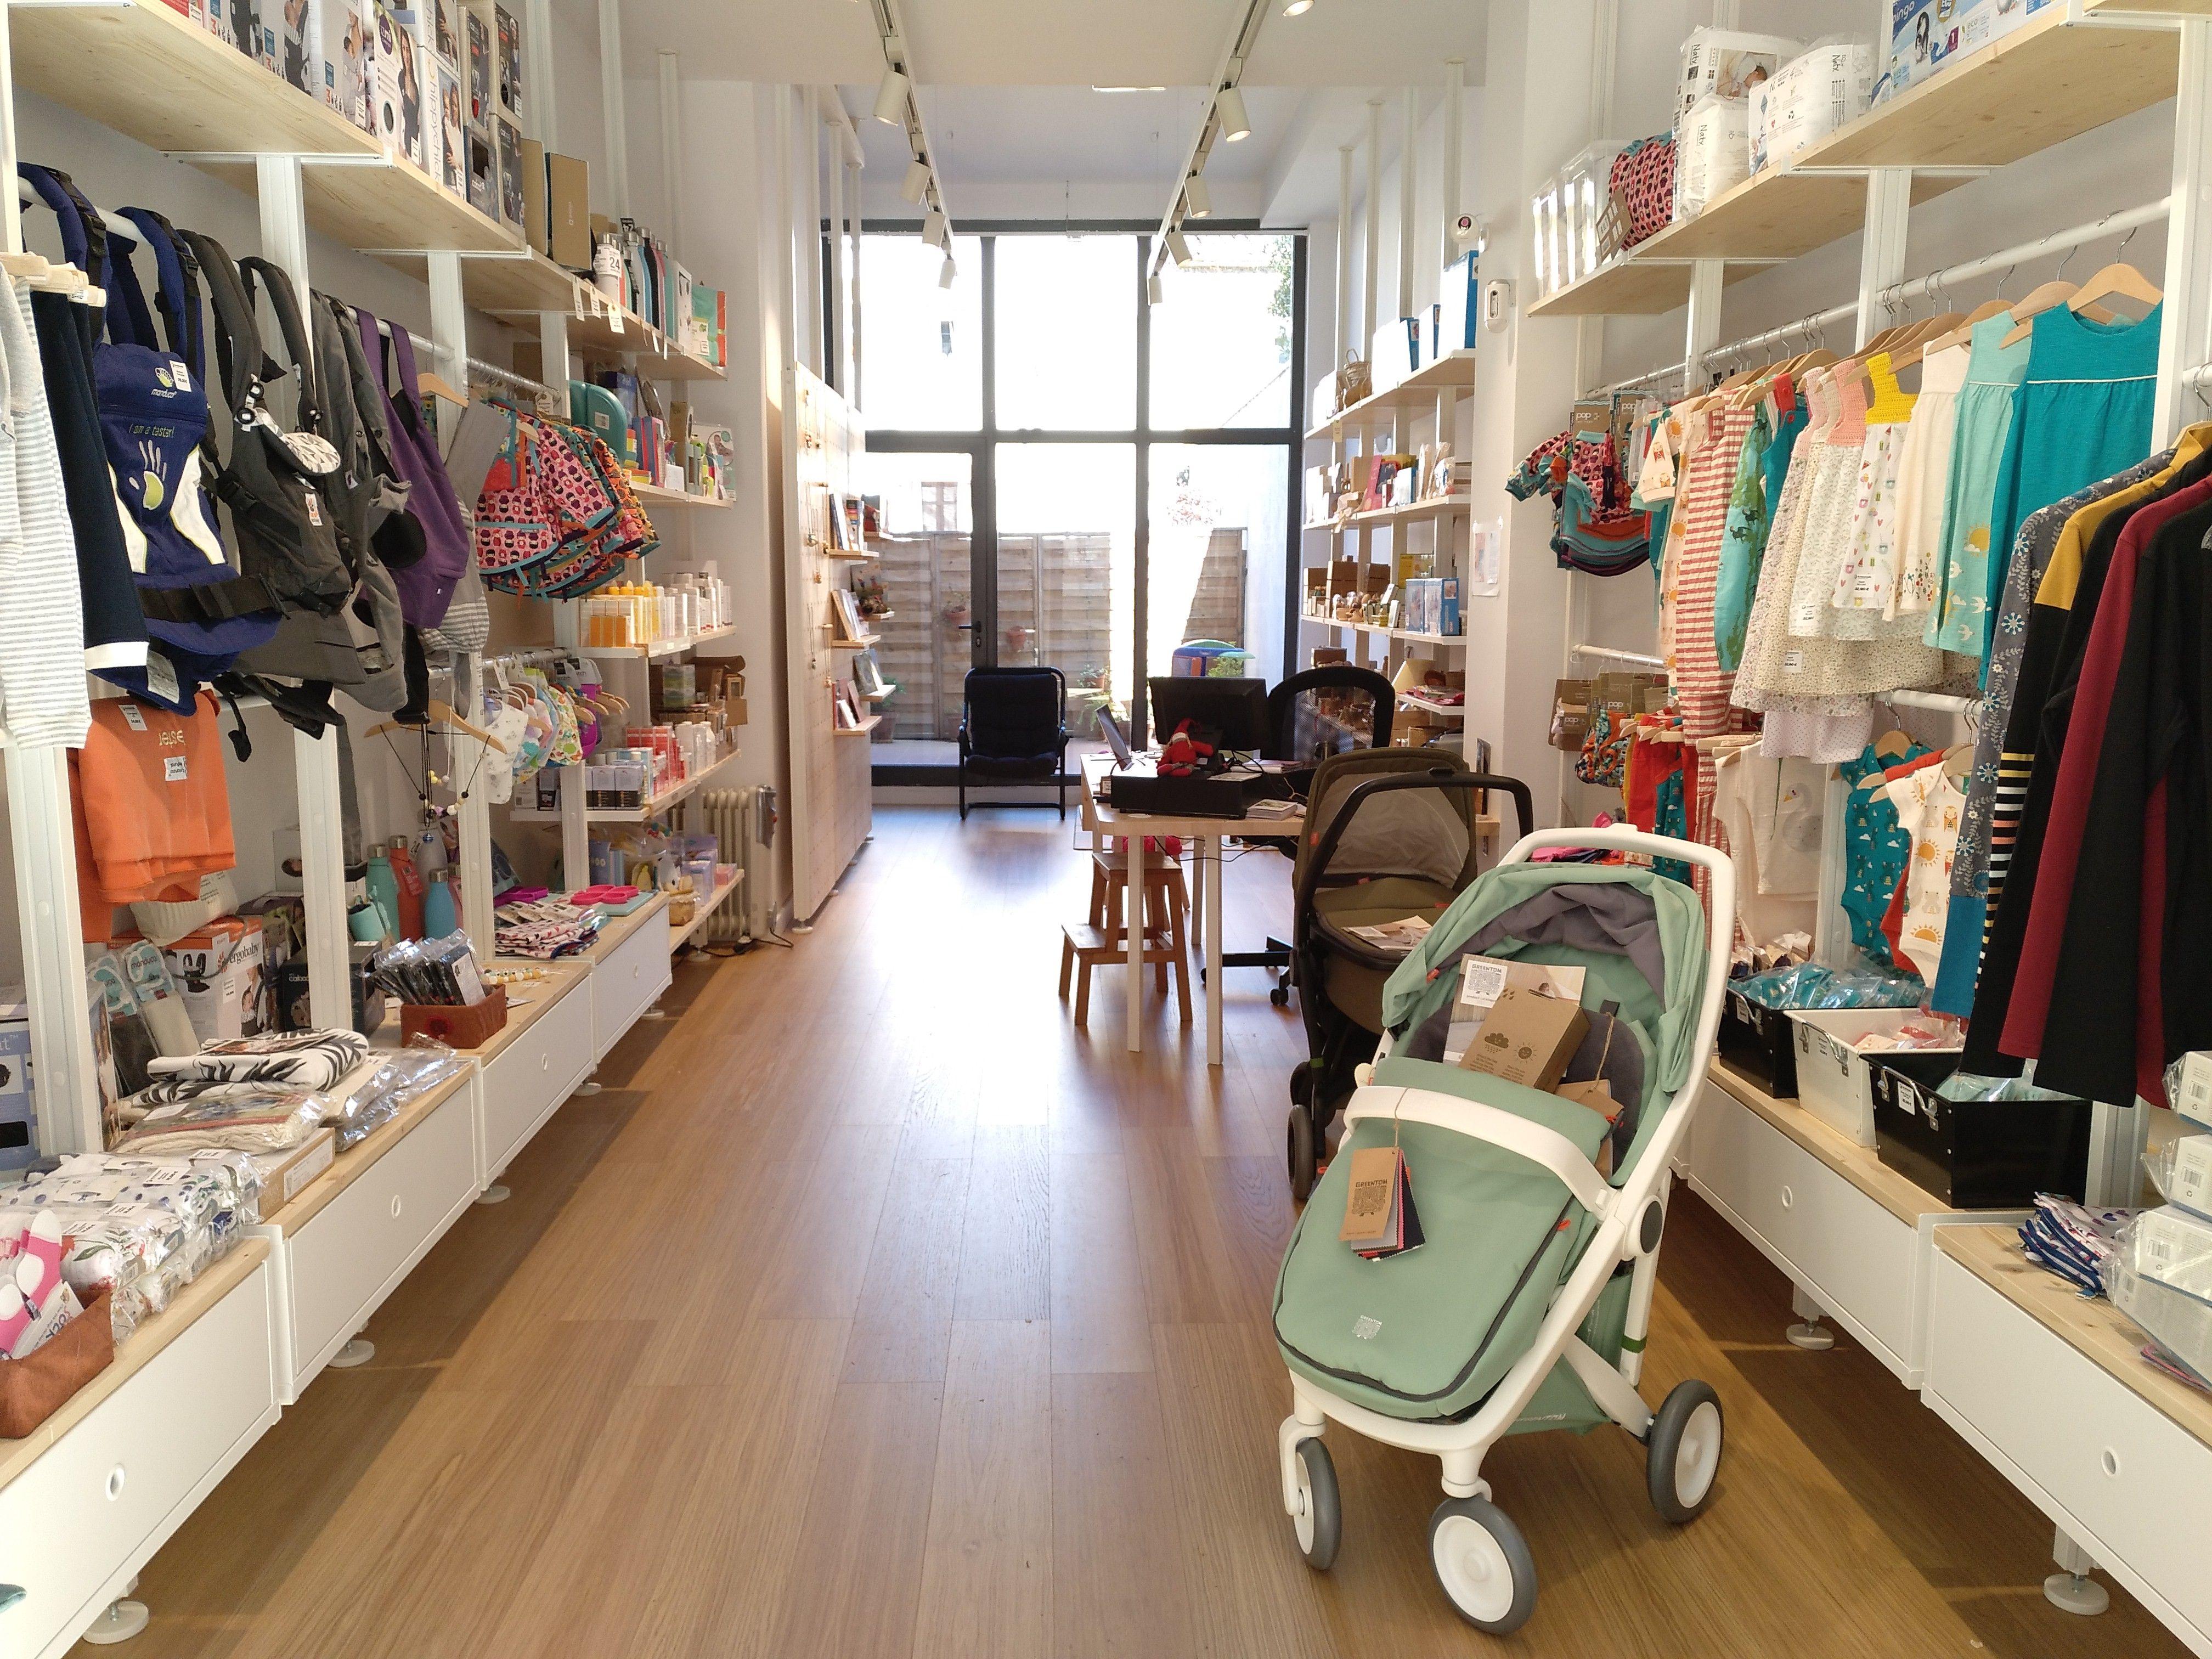 L'establiment està especialitzada en la criança respectuosa amb els infants i l'entorn en el qual es desenvolupen FOTO: Cedida